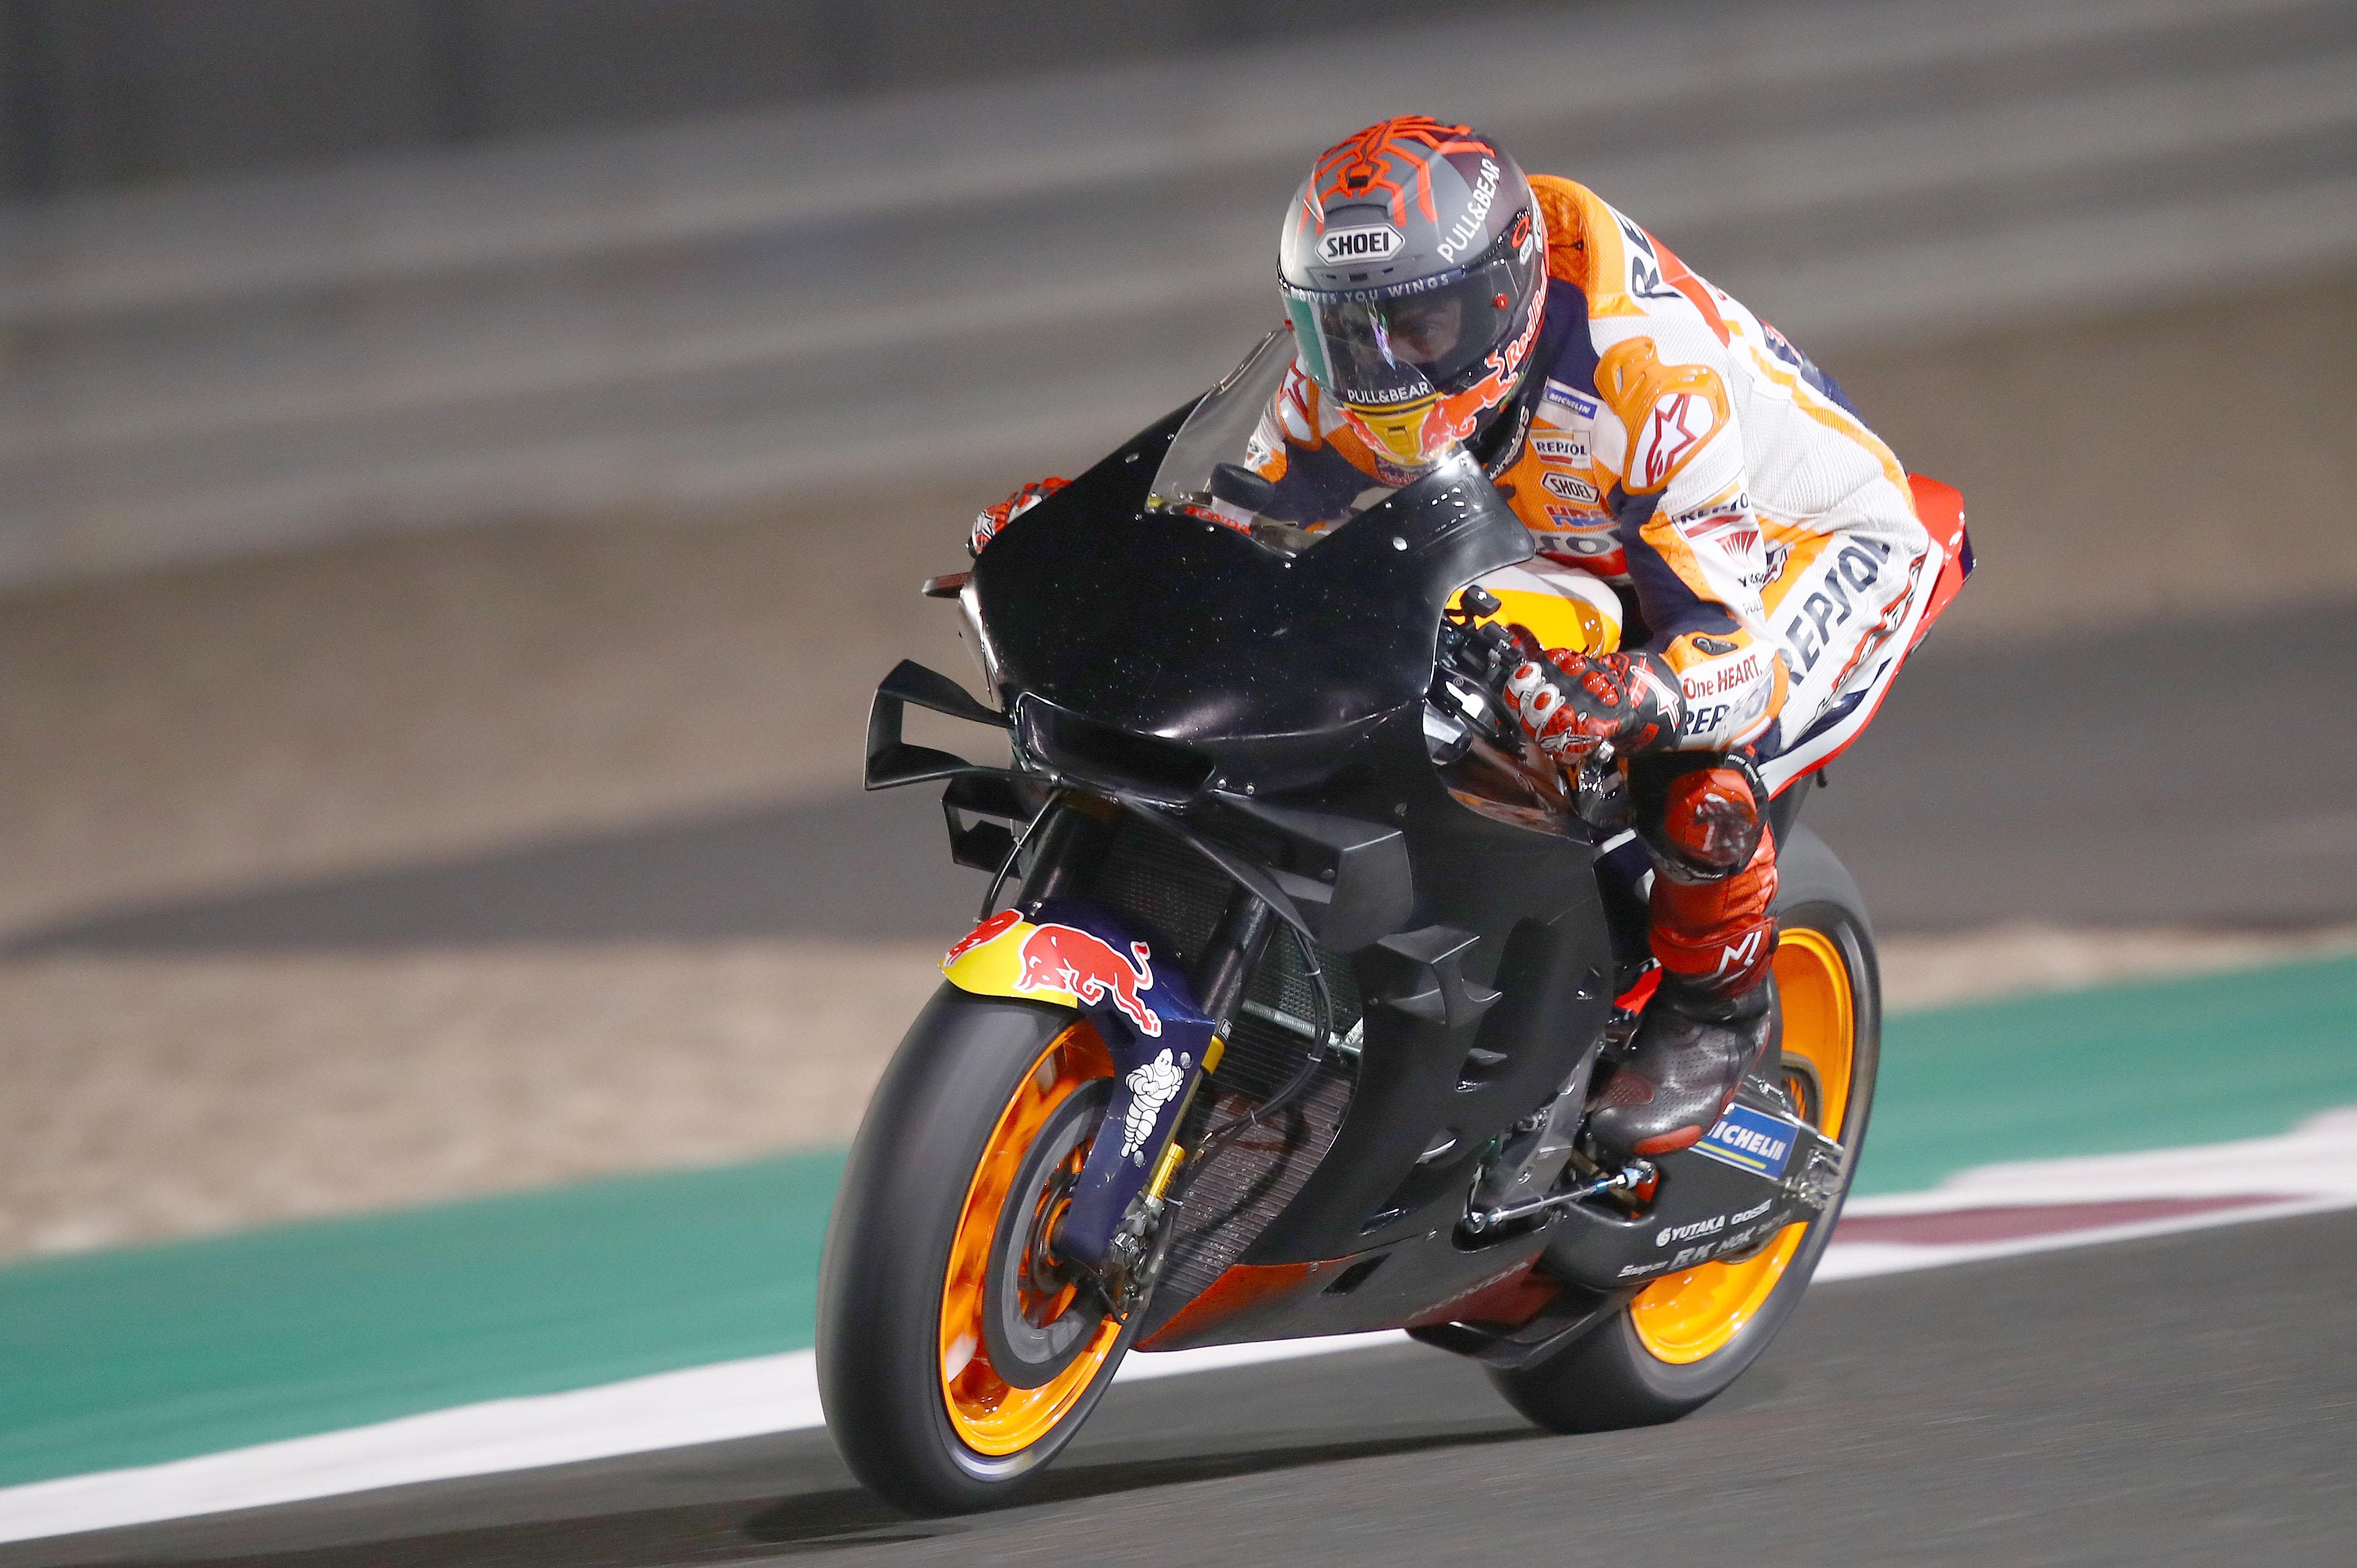 Marc Marquez Honda Qatar MotoGP testing 2020